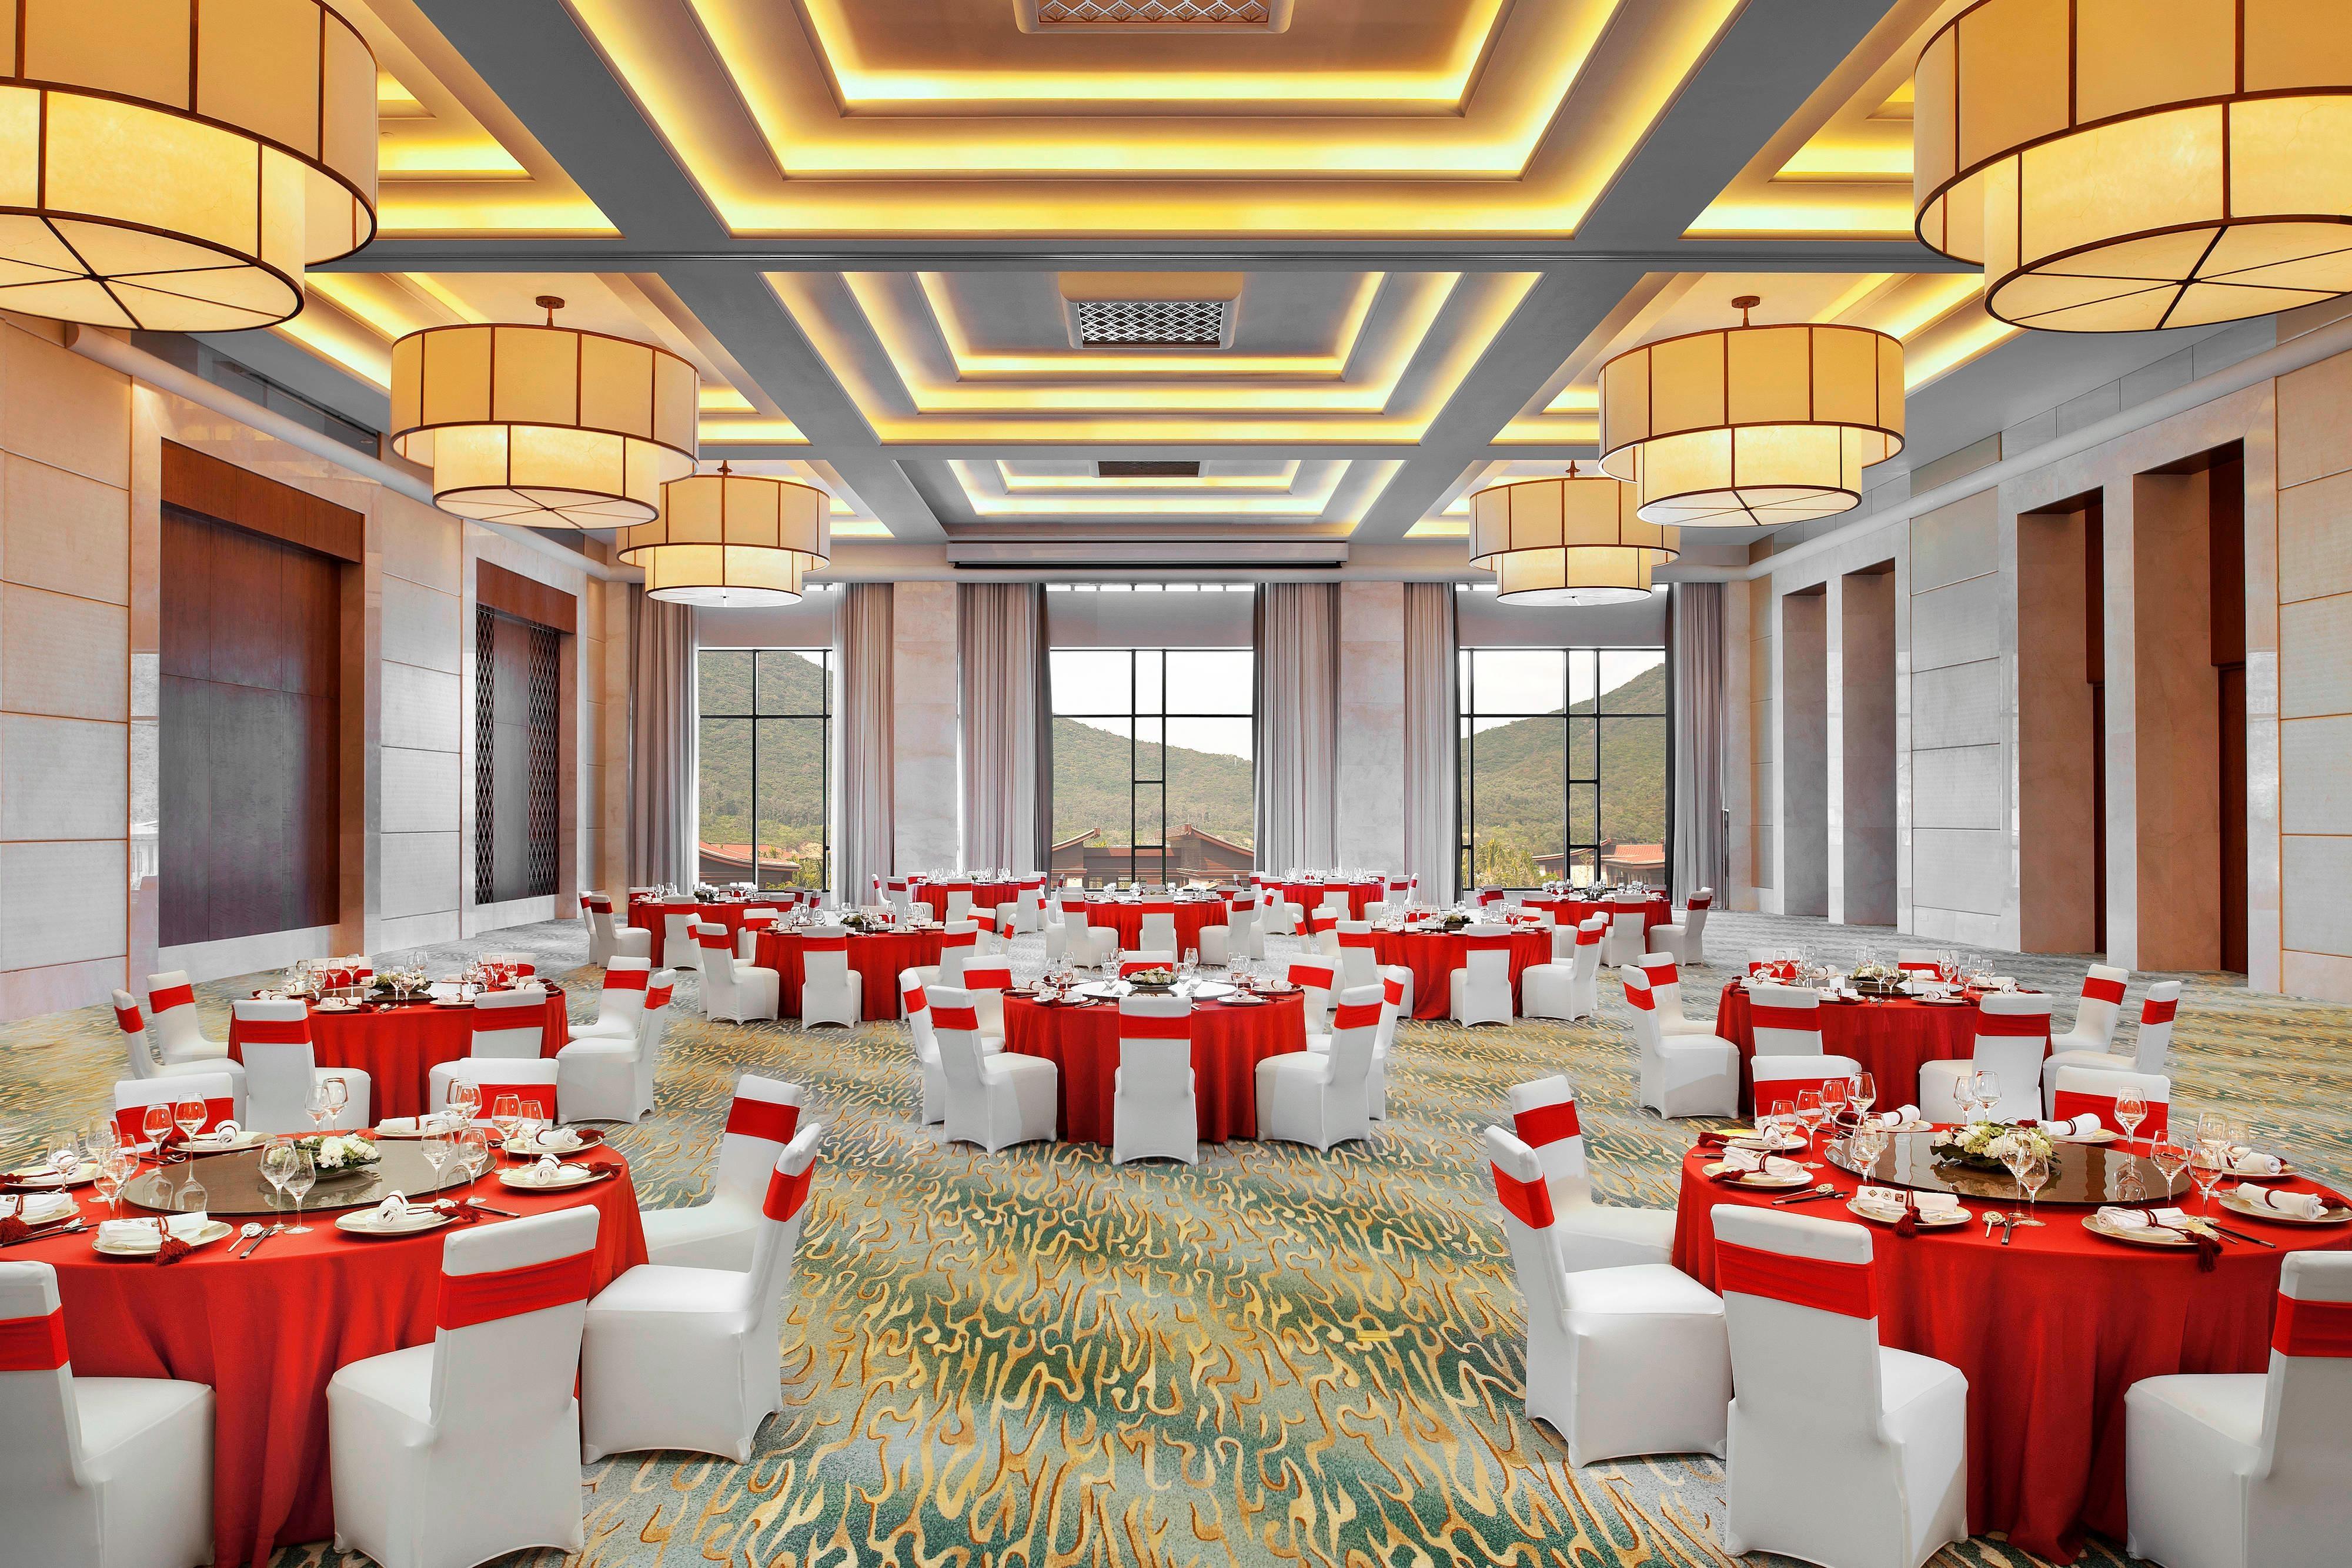 Banquet of Ballroom